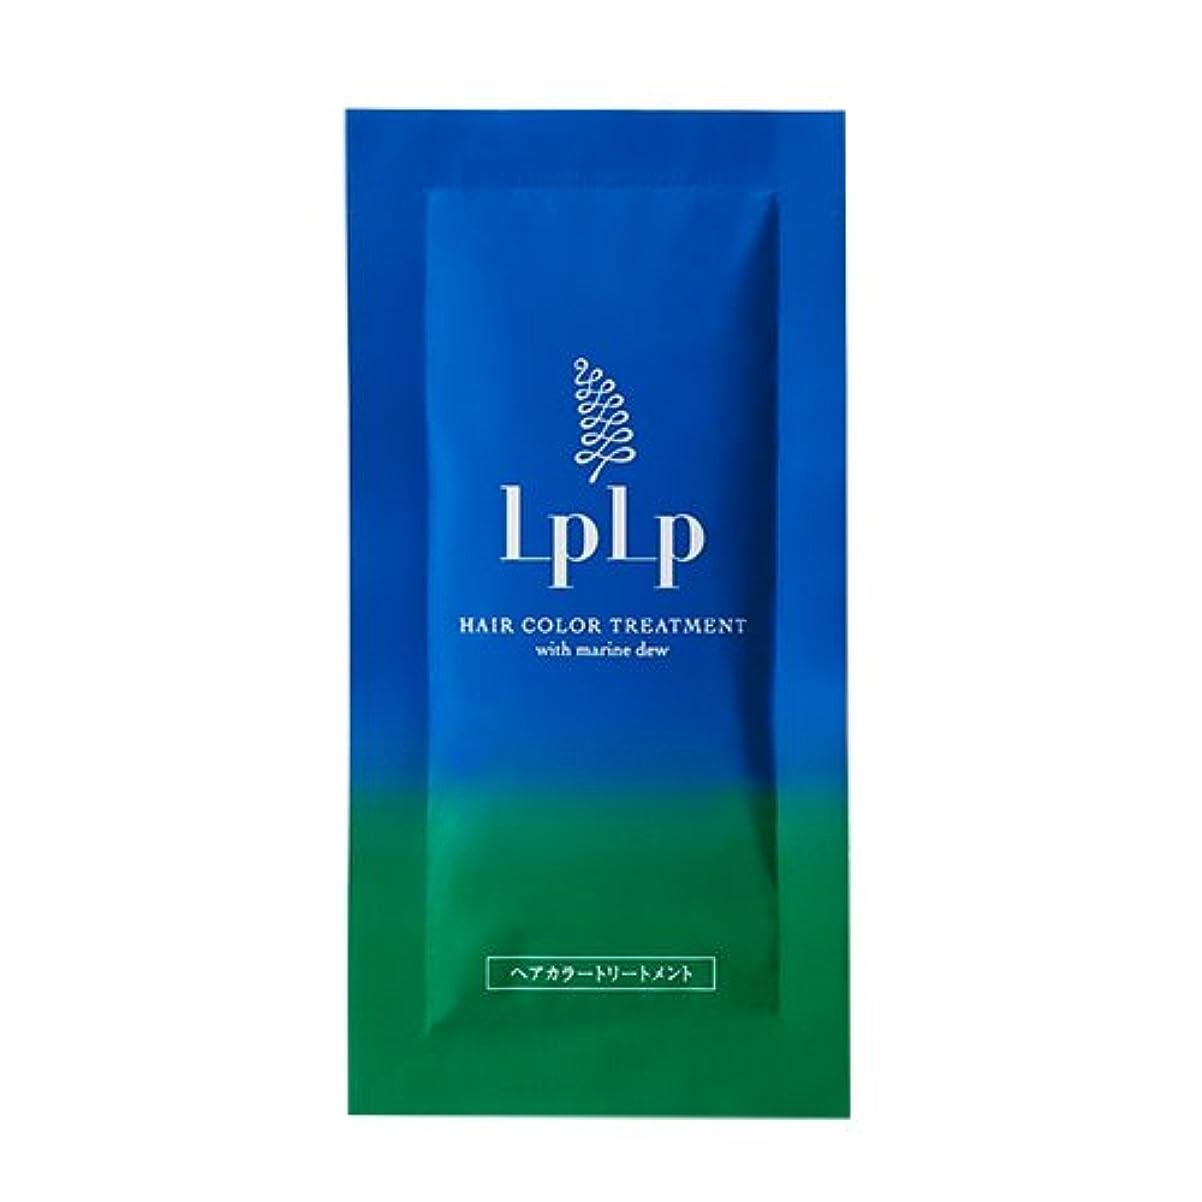 自分のために最愛のメールを書くLPLP(ルプルプ)ヘアカラートリートメントお試しパウチ ダークブラウン